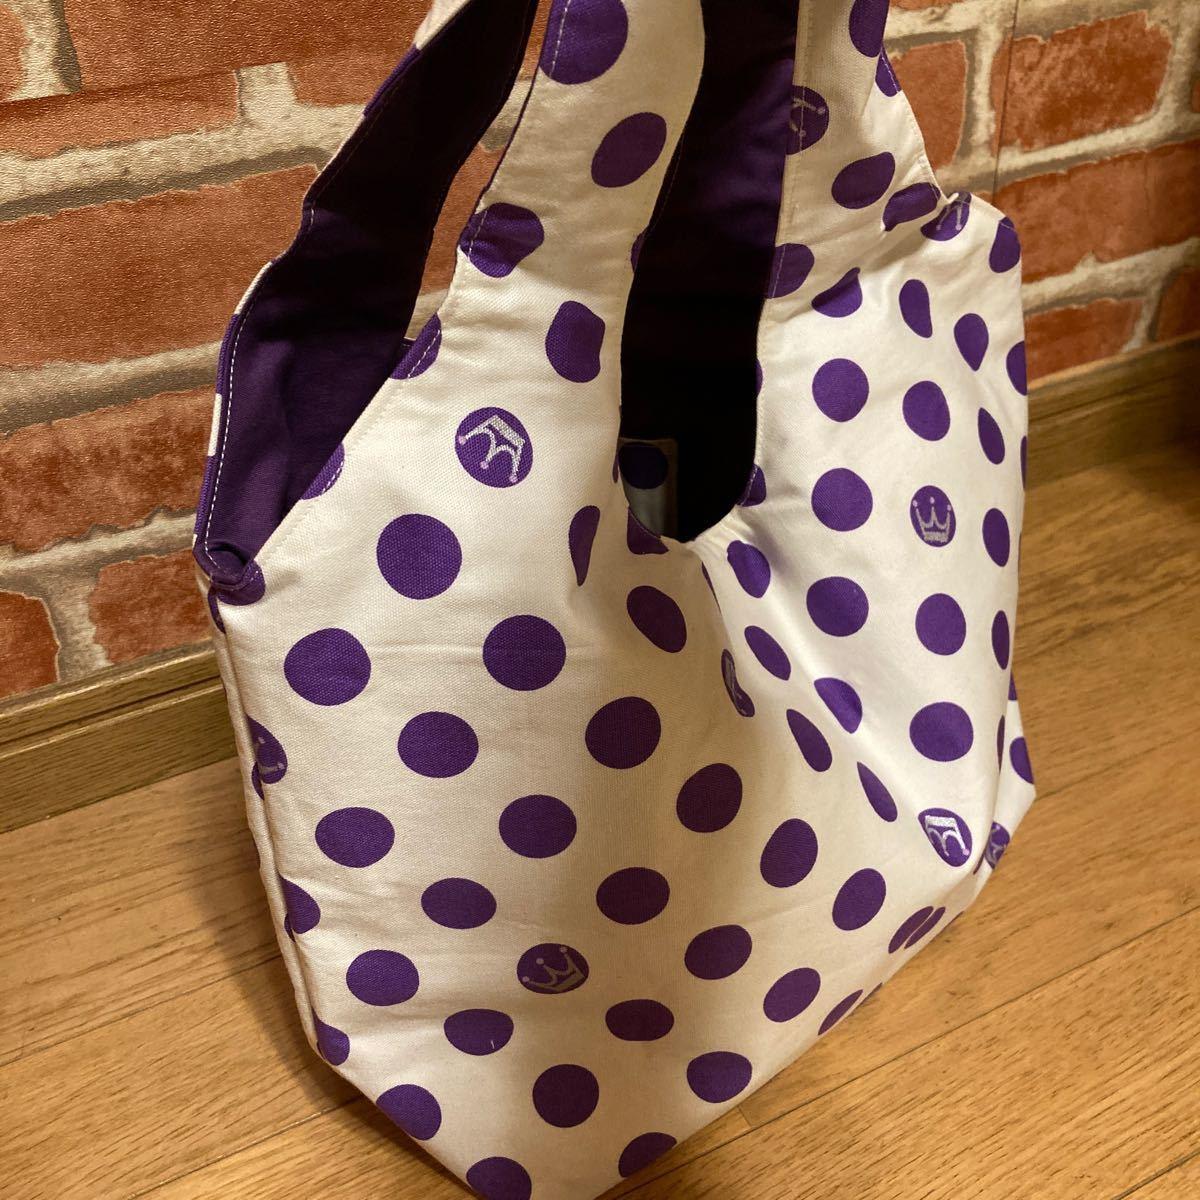 ハンドメイド 王冠 水玉紫 持ち手一体型バッグ